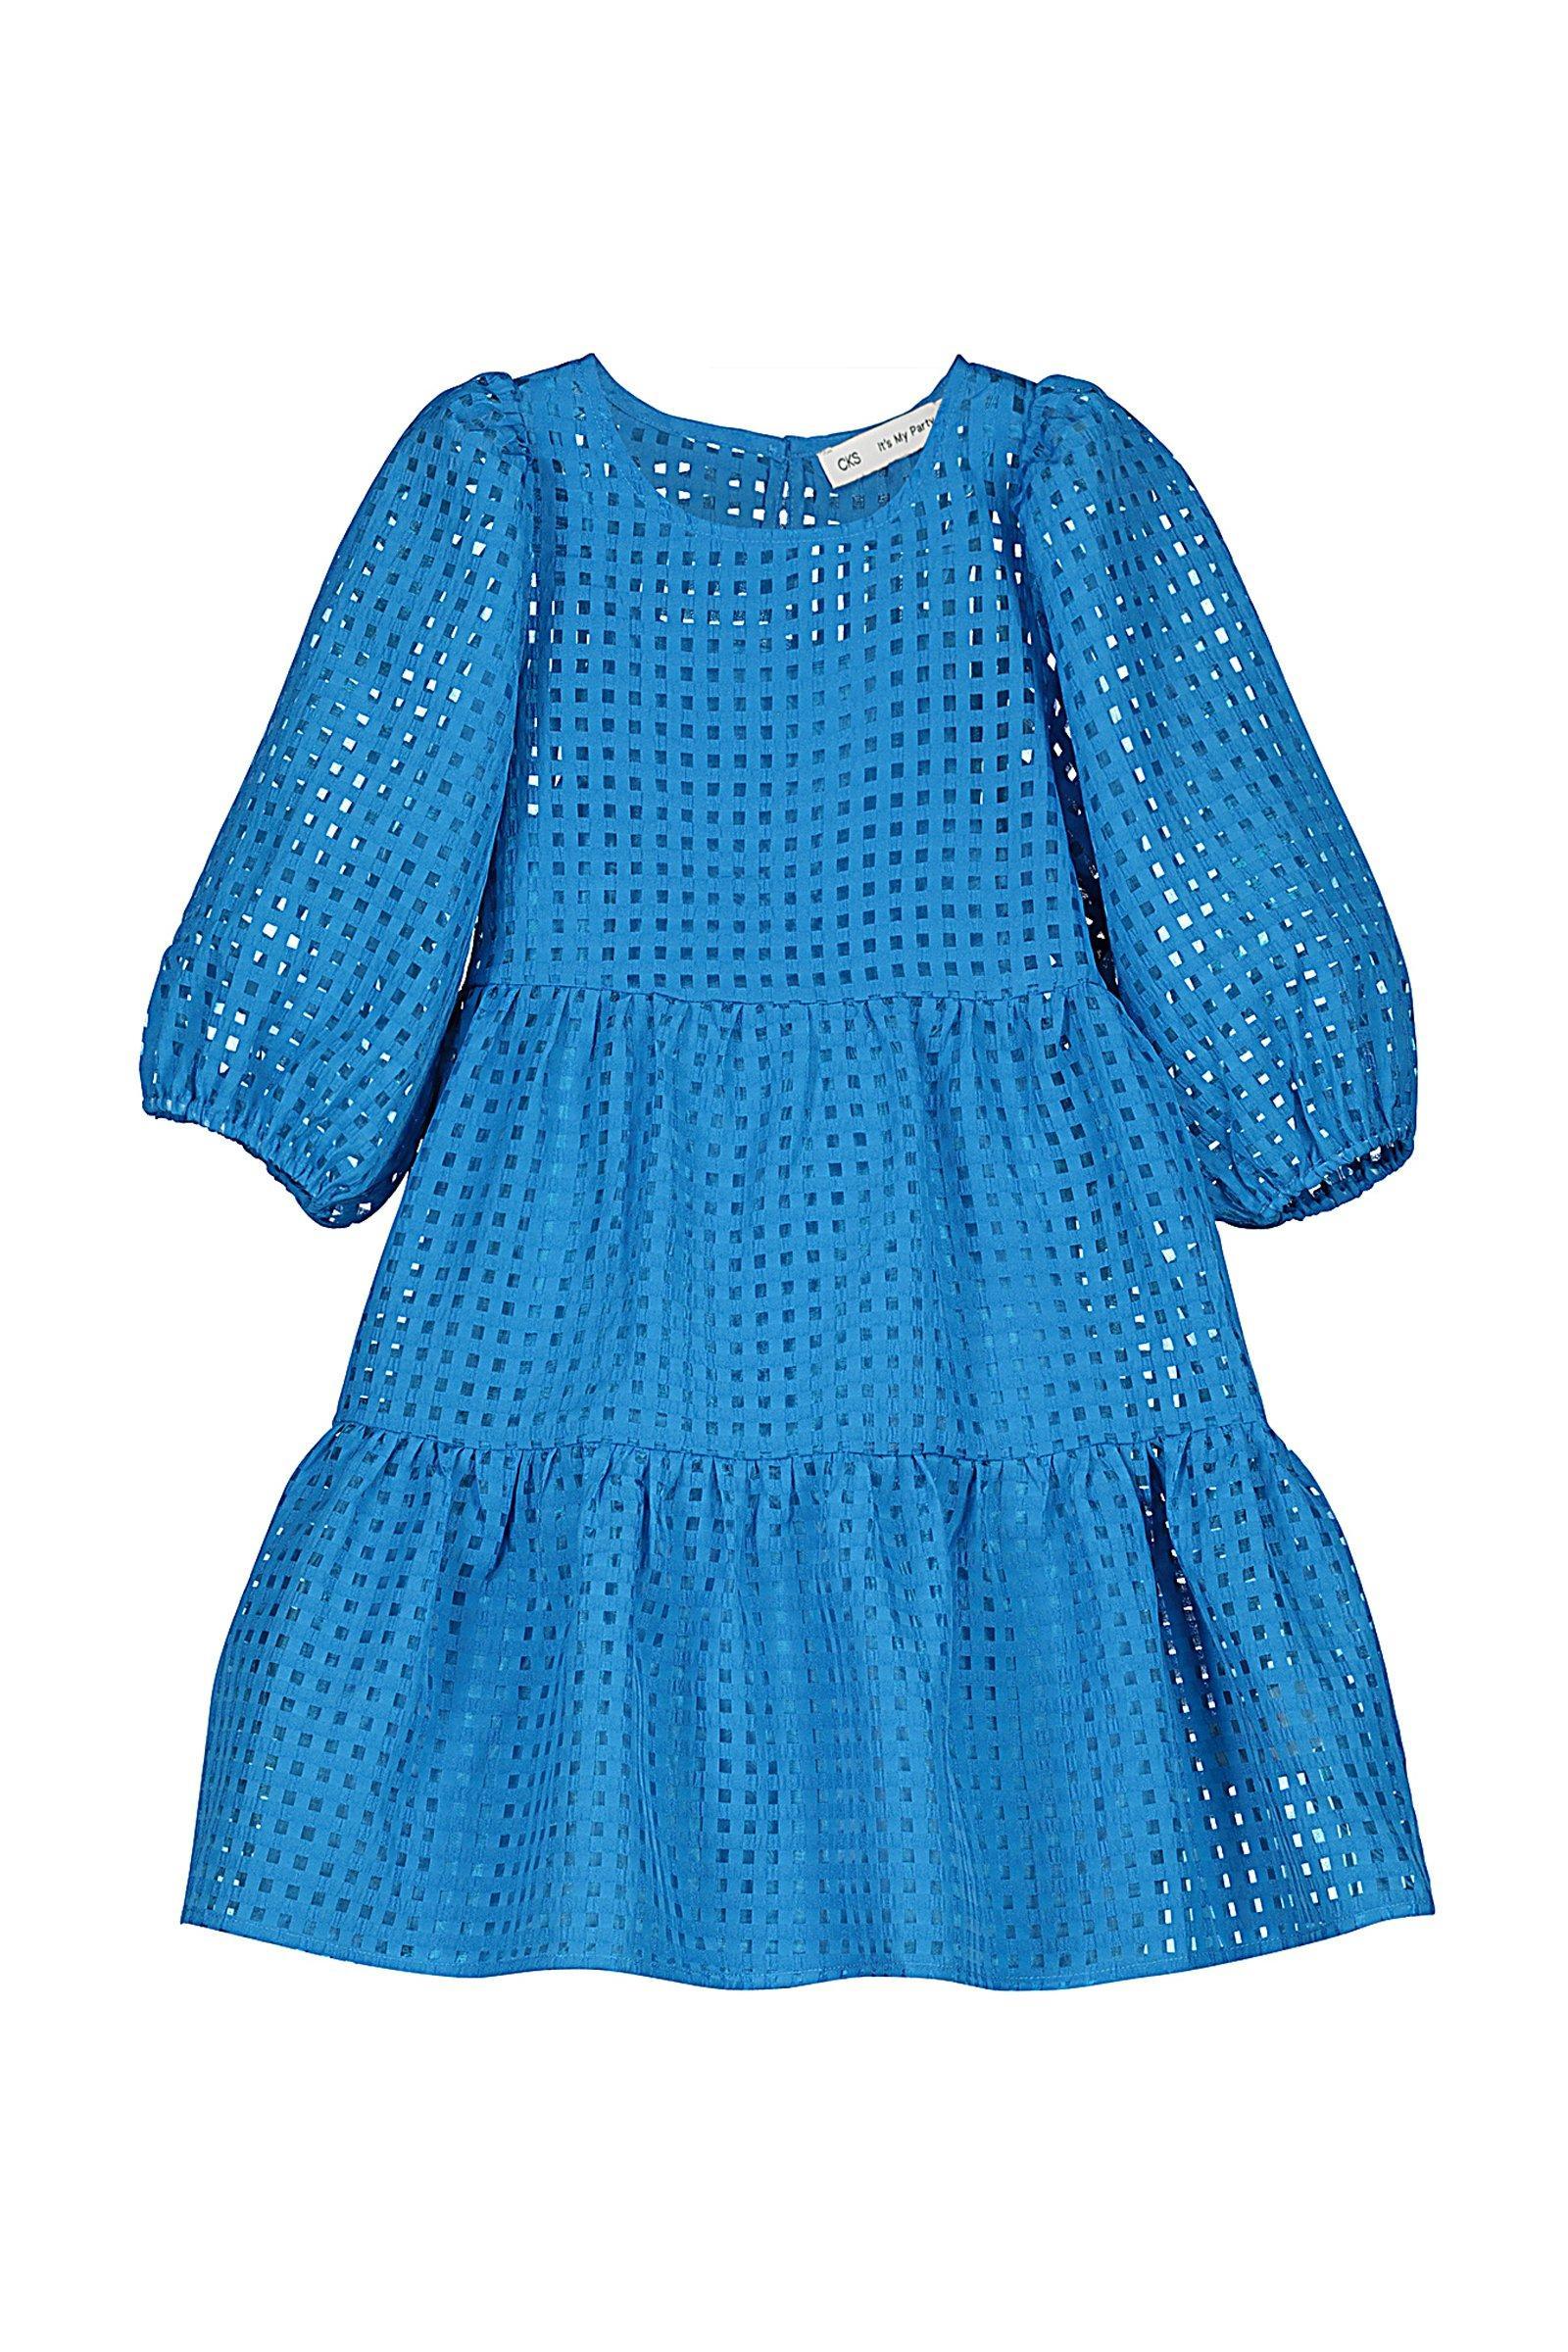 CKS Kids - ELLIAS - korte jurk - meerkleurig